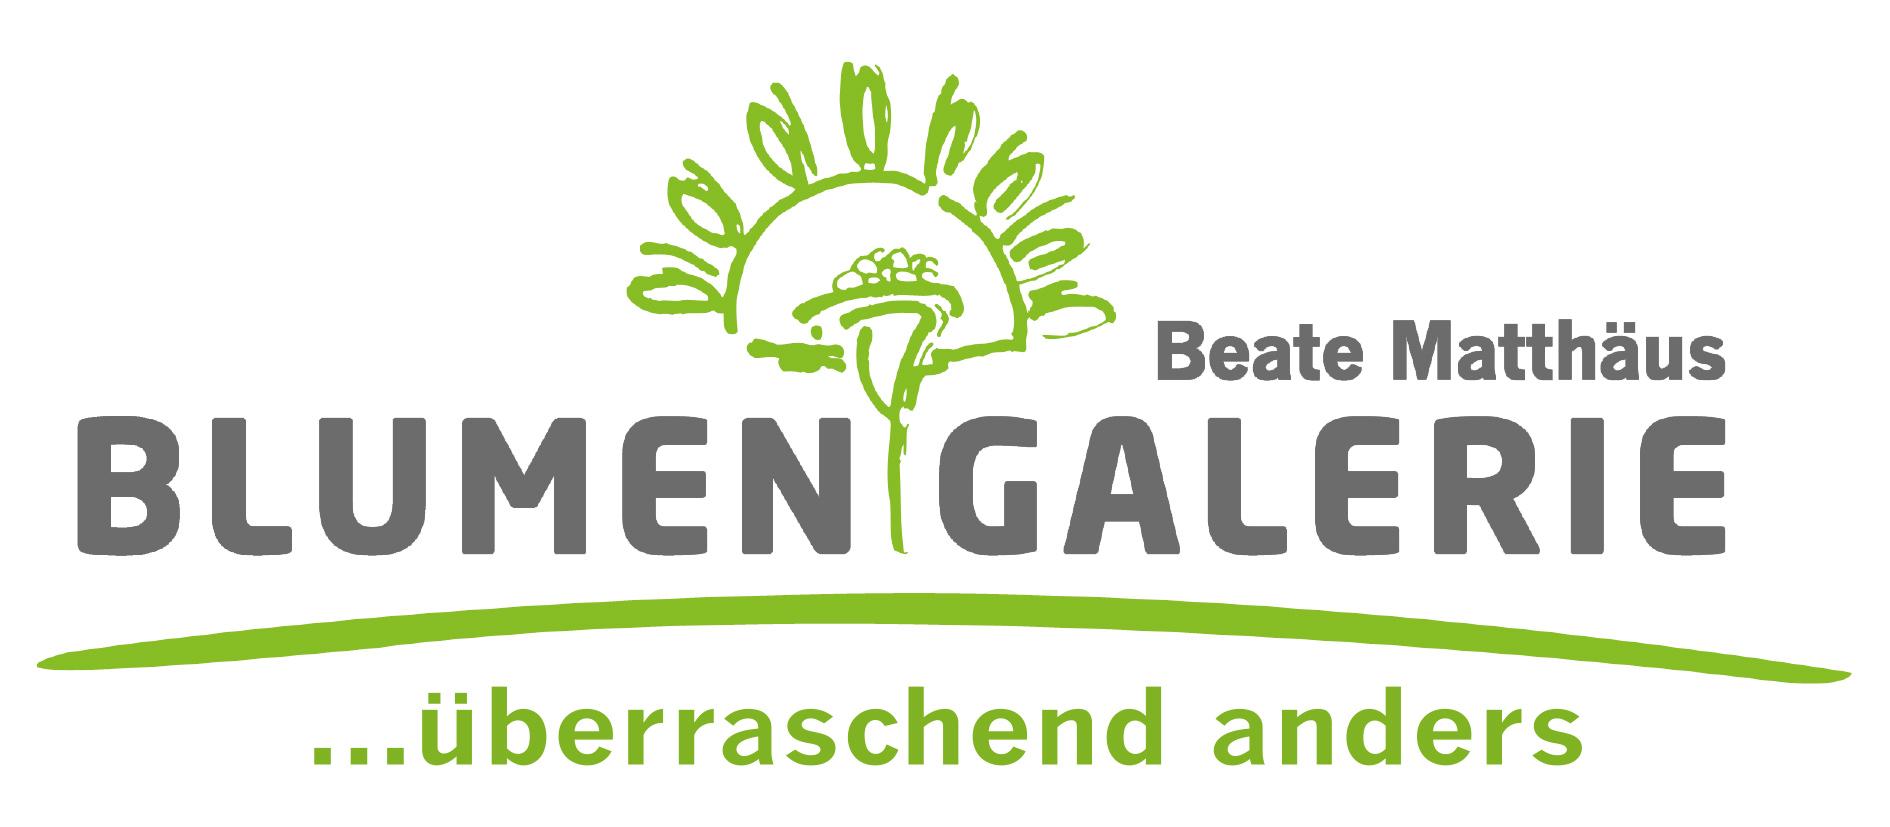 Blumengalerie Matthäus - Blumen und Floristik in Herzogenaurach